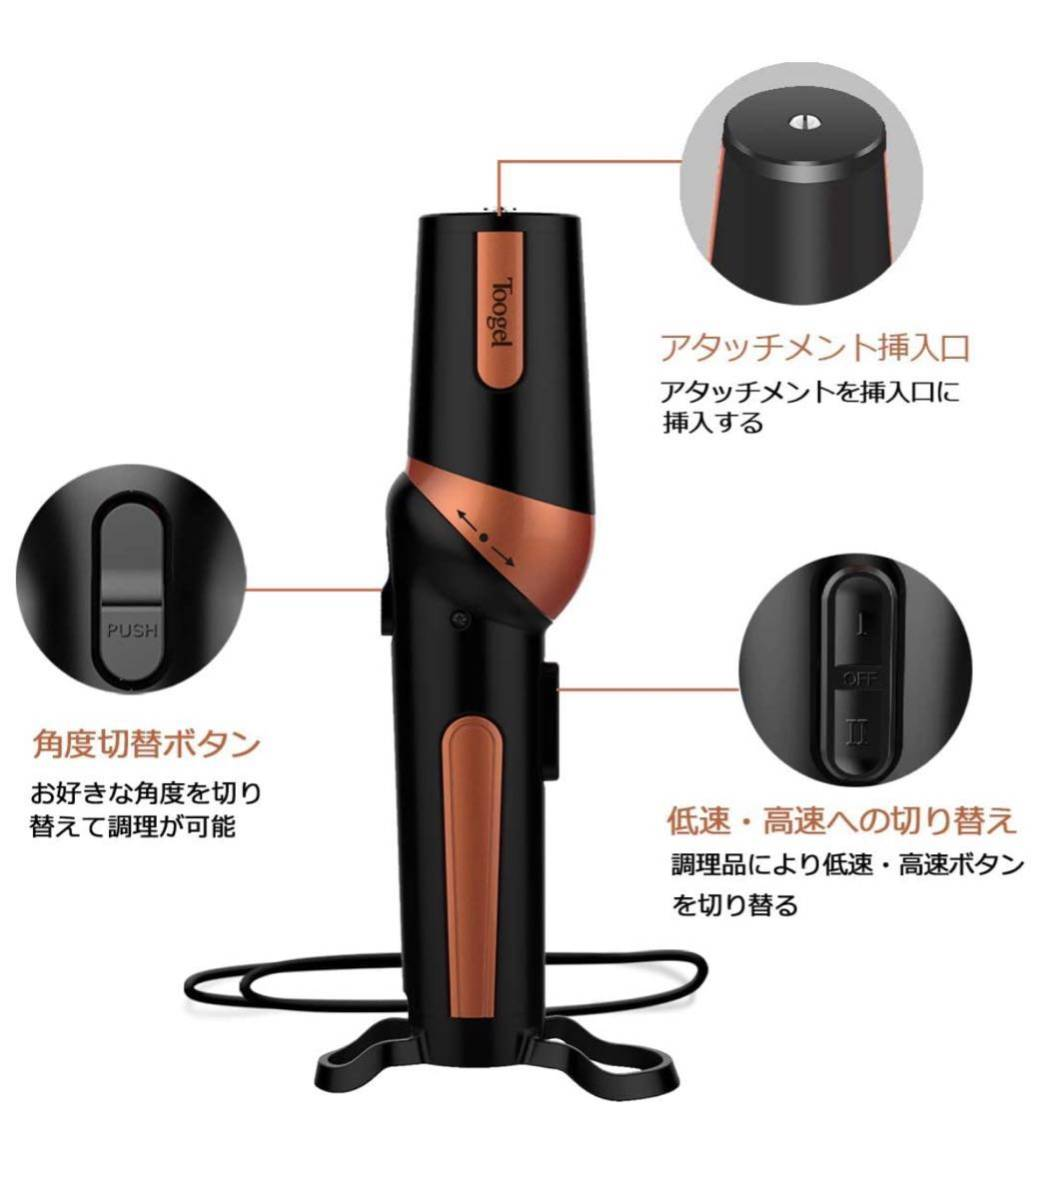 ハンドミキサー 1台3役 ハンドブレンダー 電動ミキサー 泡立て器 攪拌機 小型 飛び散り防止 多機能 ホイッパー チョッパー ビーター付き